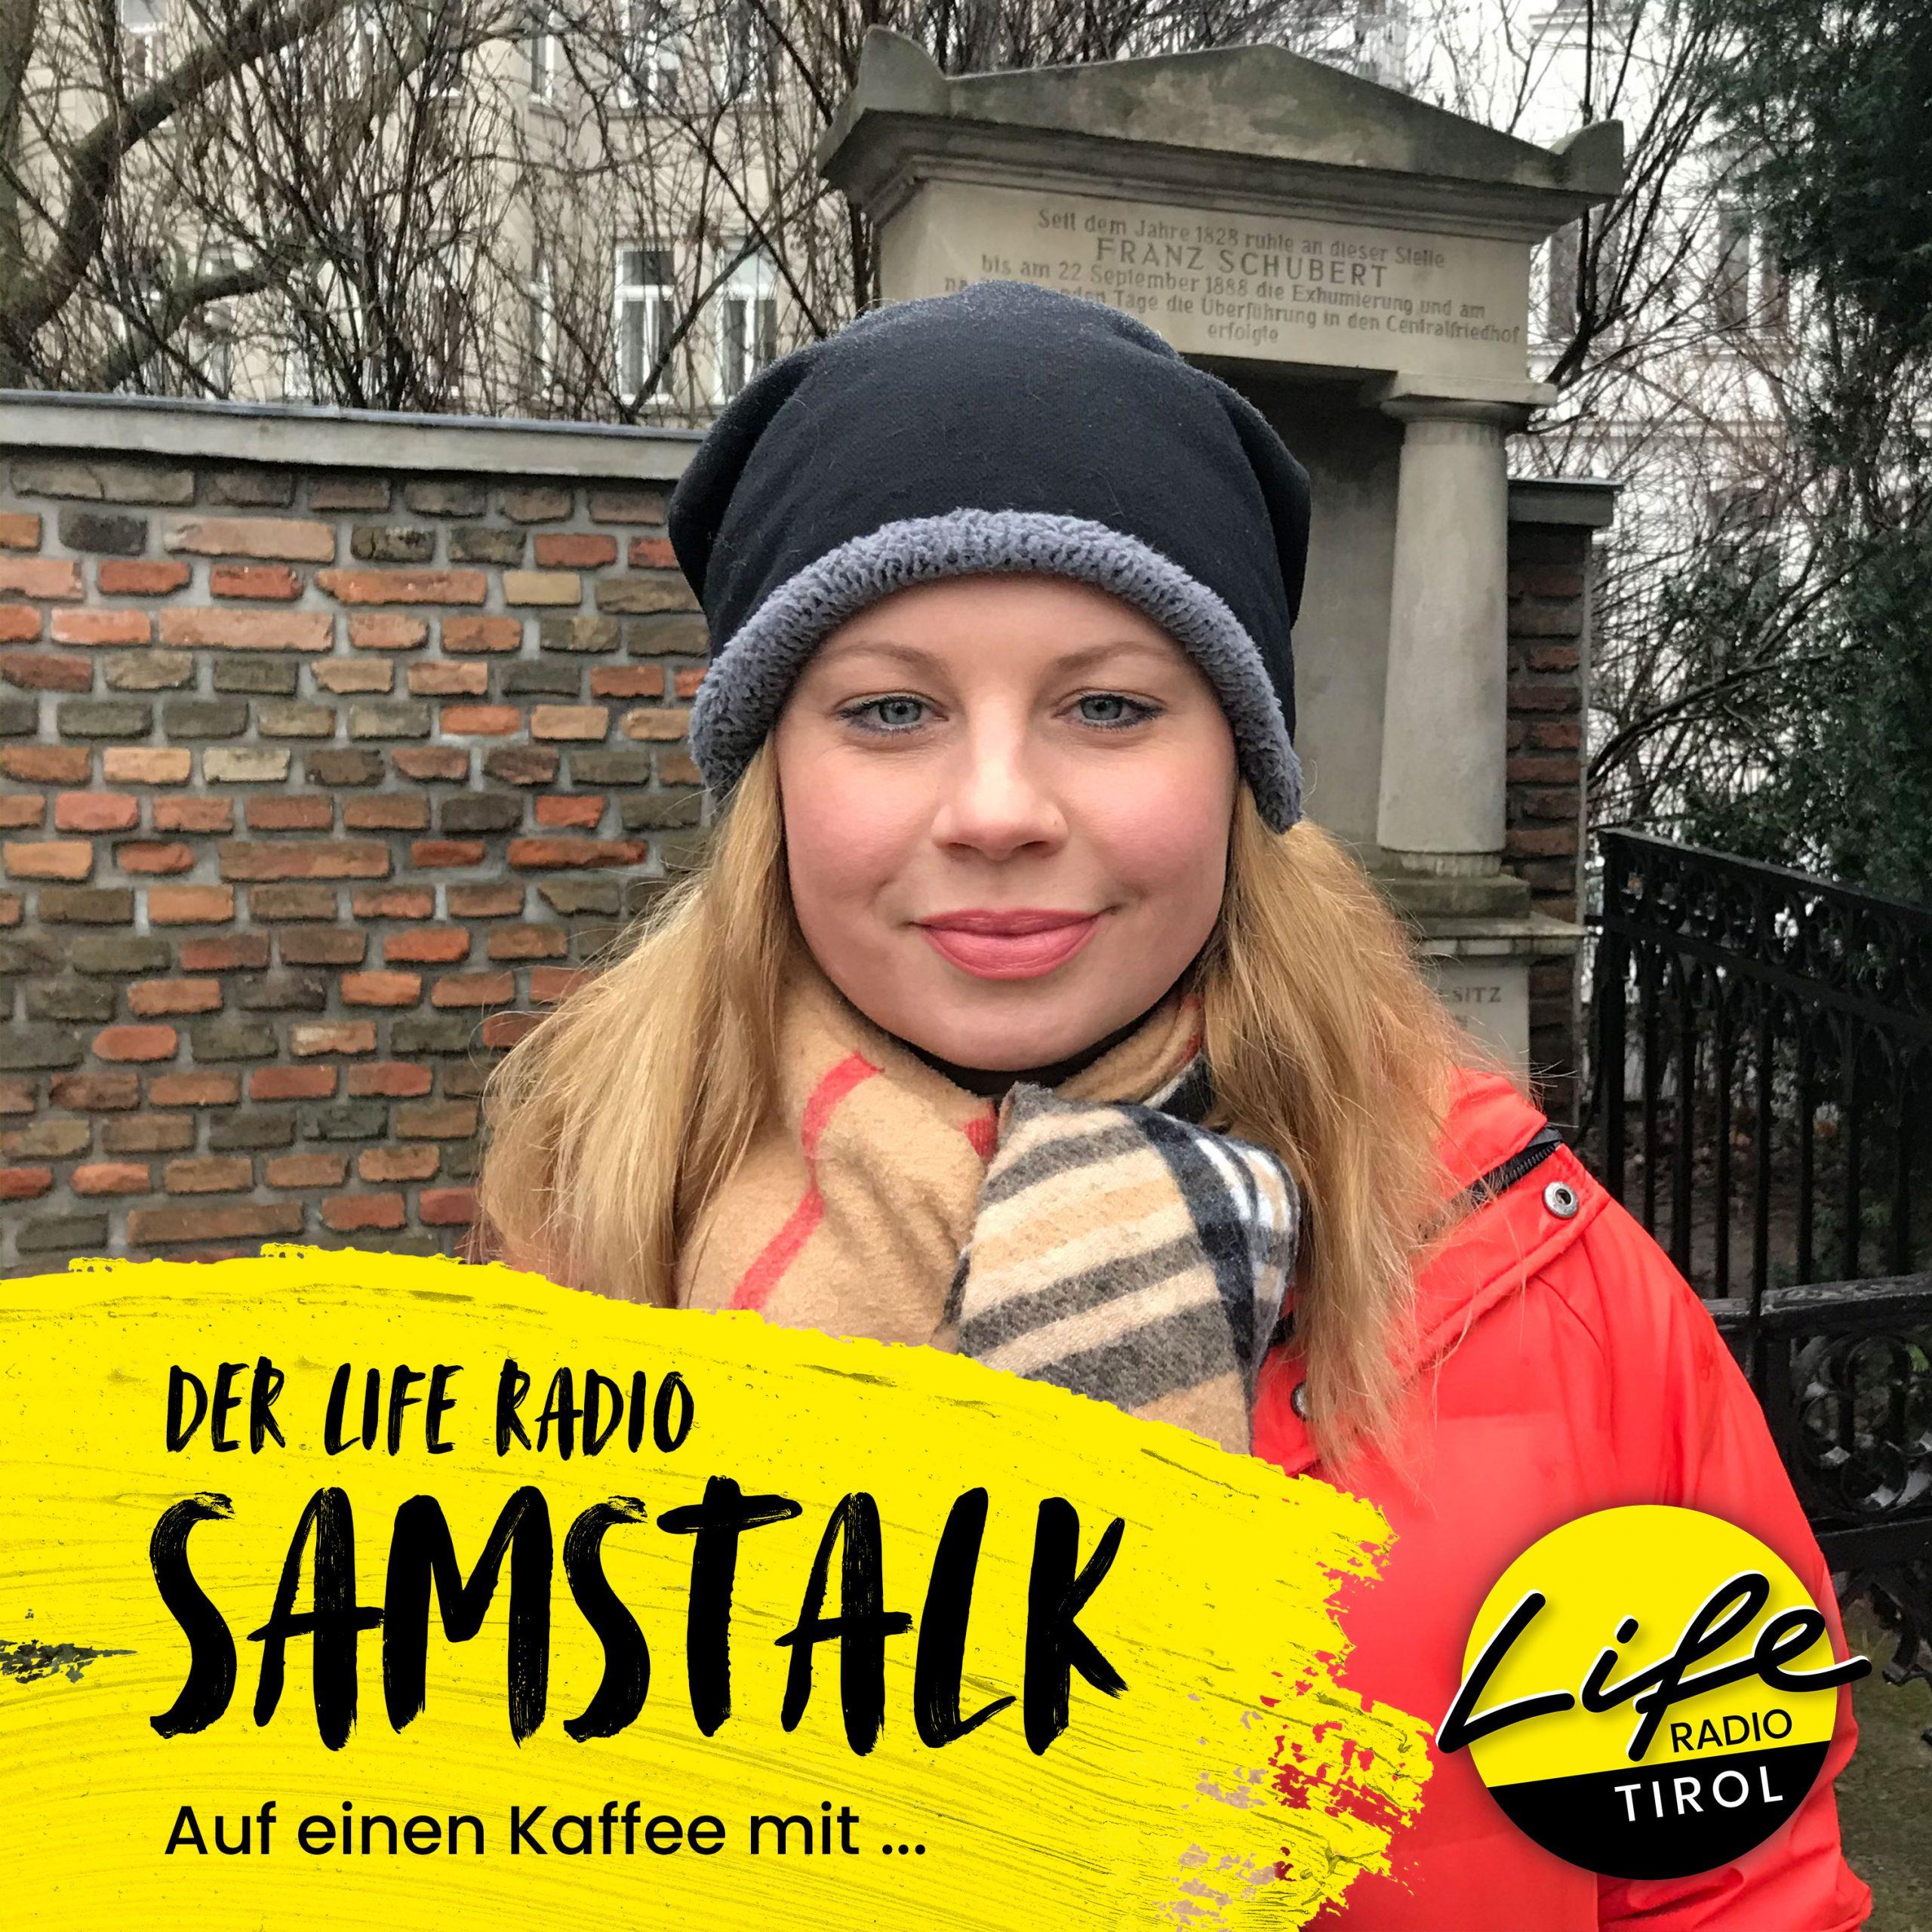 Auf einen Kaffee mit der Schauspielerin Katharina Straßer